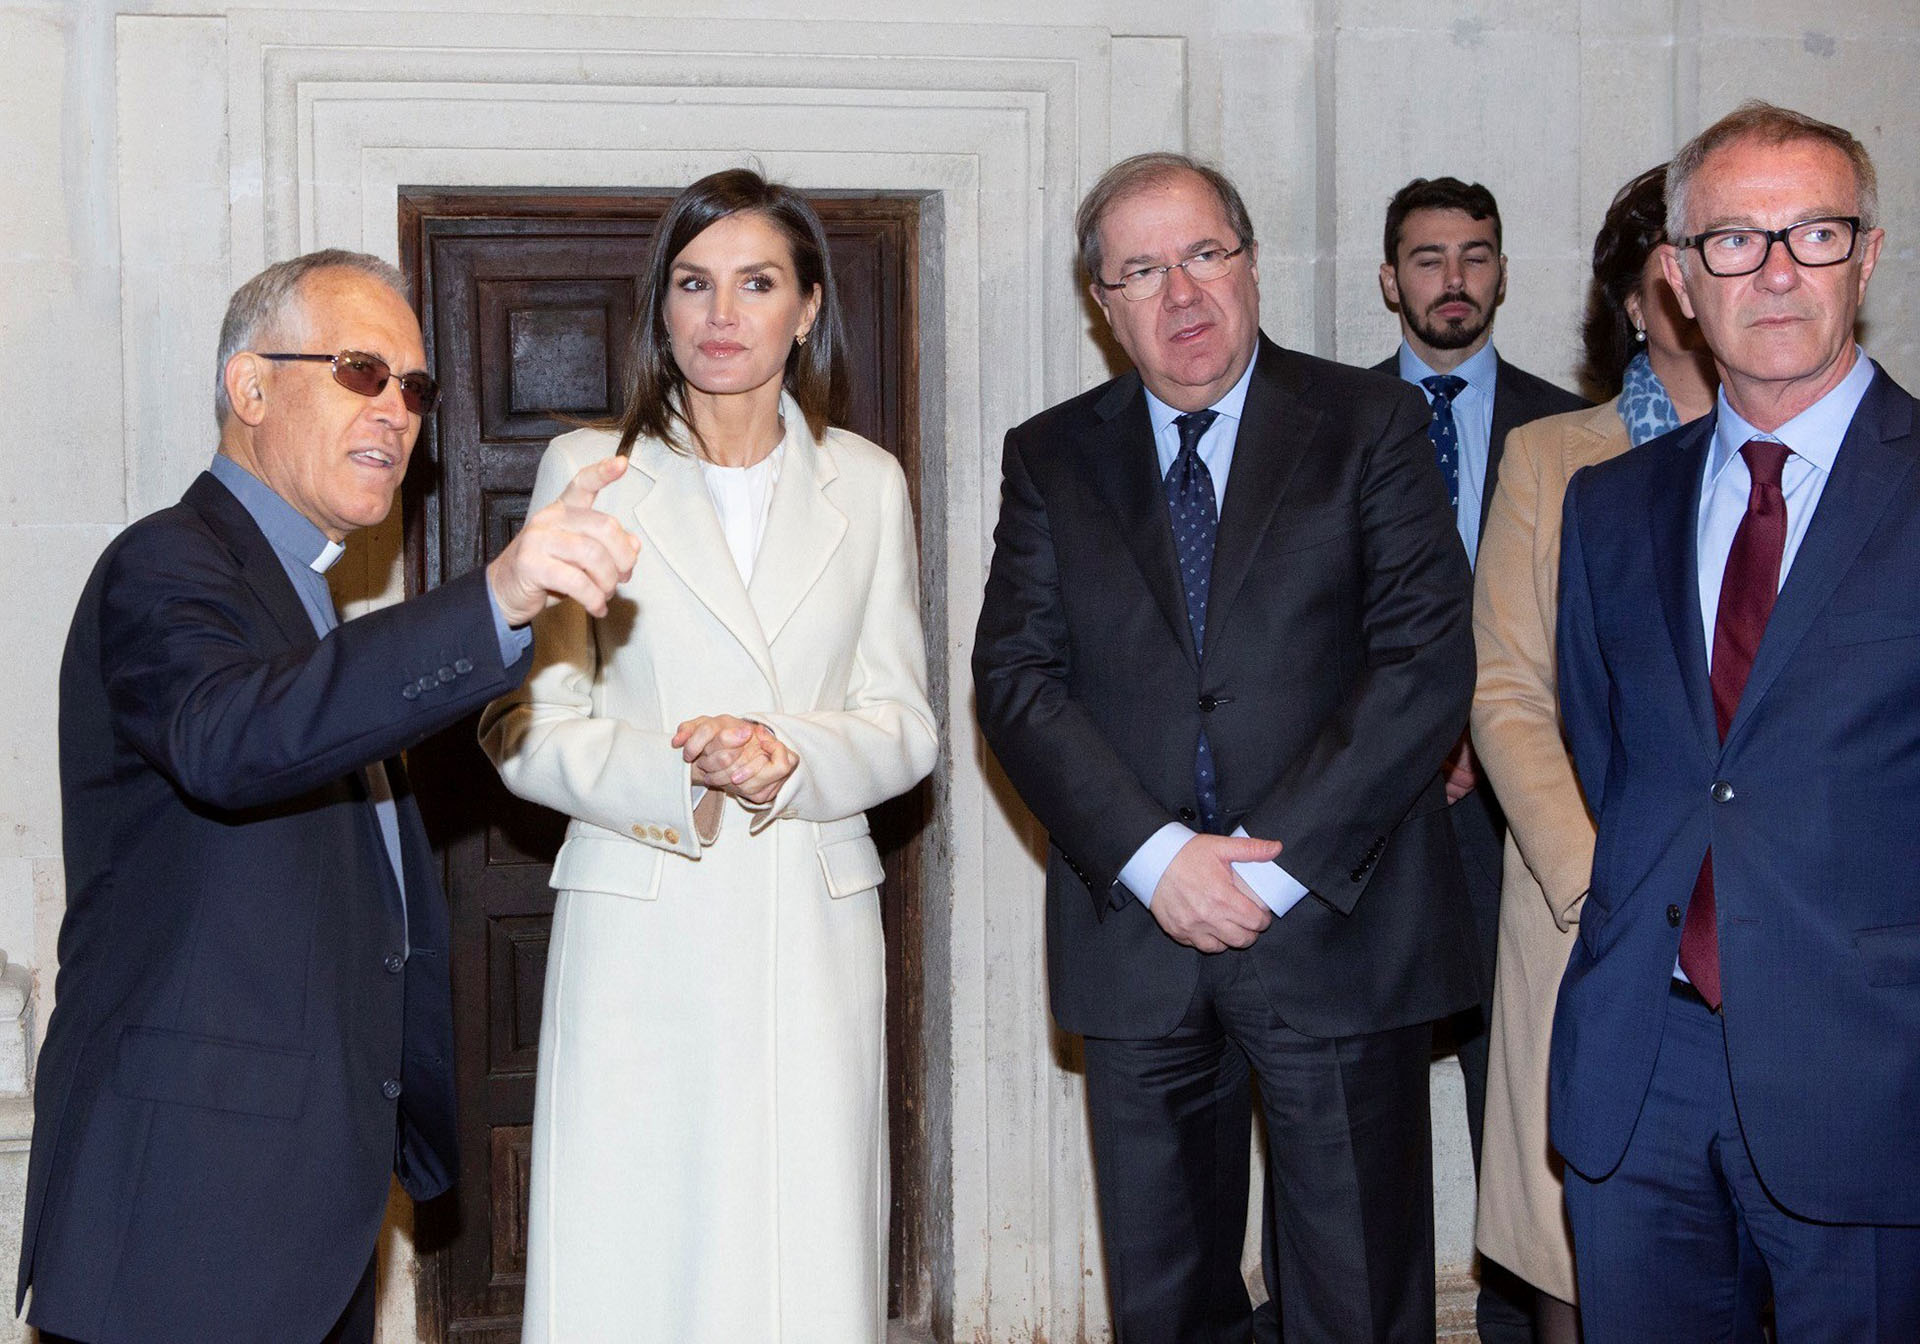 Letizia, acompañada por el ministro de Cultura y Deporte, José Guirao, y el presidente de la Junta de Castilla y León, Juan Vicente Herrera, escucha al curador de la muestra